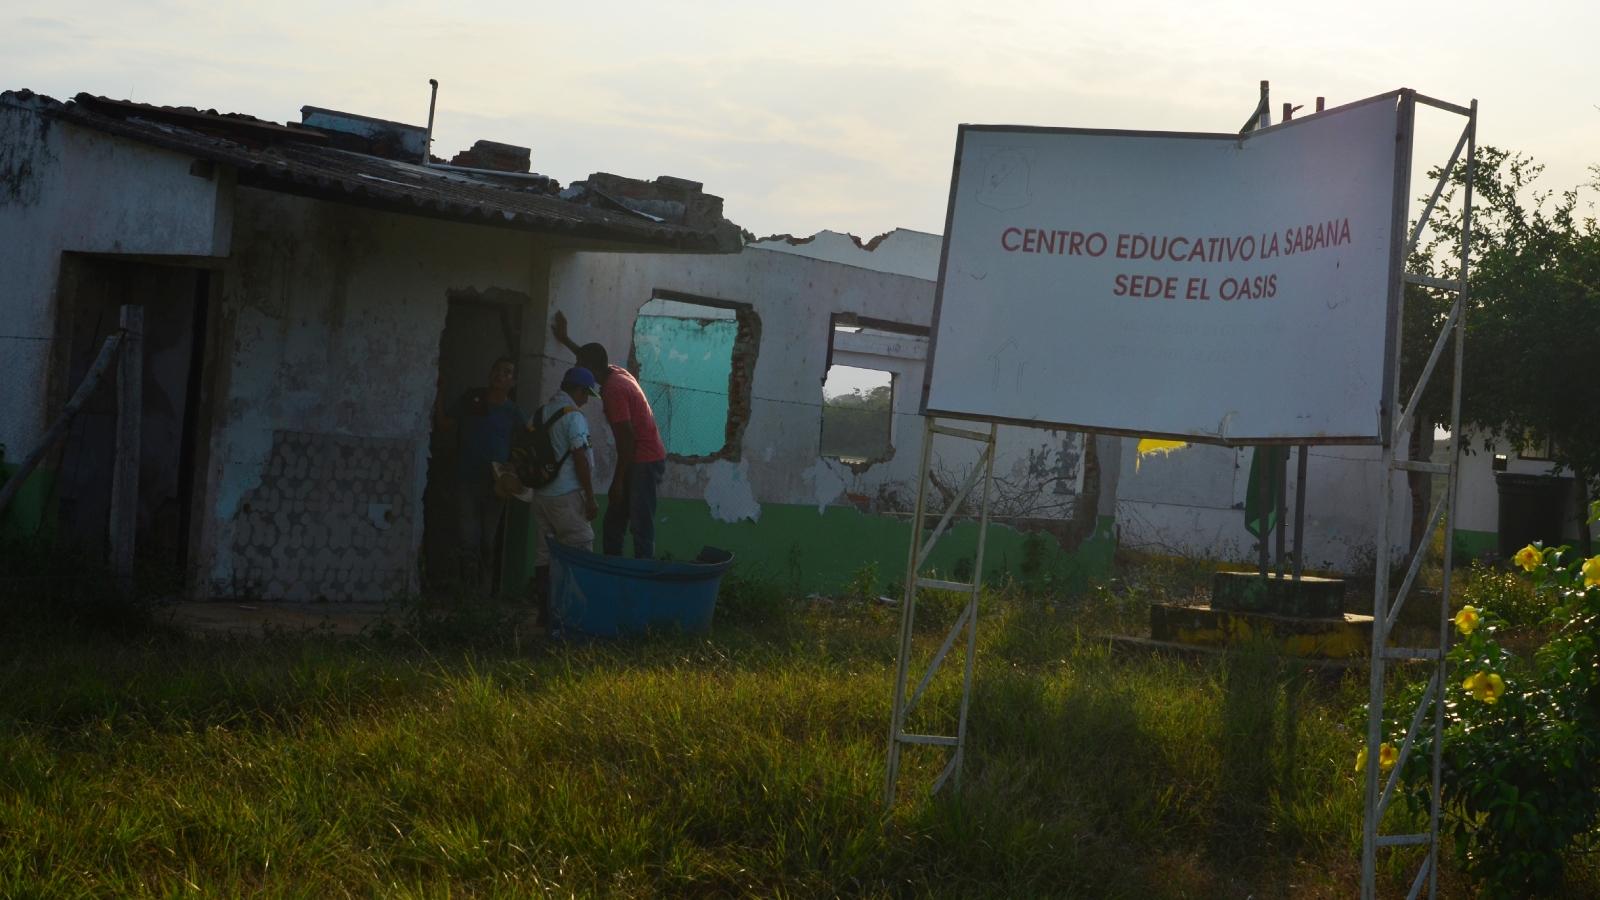 Puerto Rico y Rioblanco, dos caras de los atrasos en la educación rural